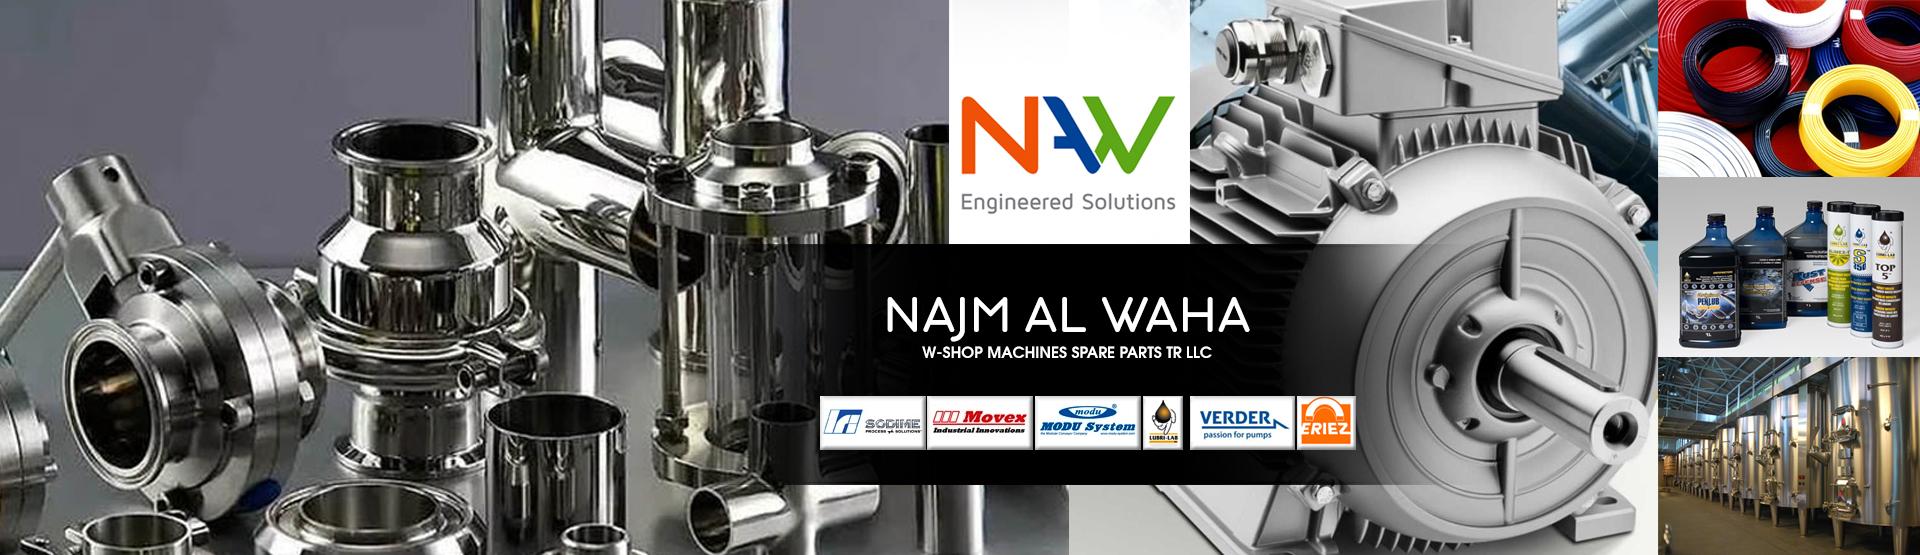 NAJM AL WAHA W-SHOP MACHINES SPARE PARTS TR LLC